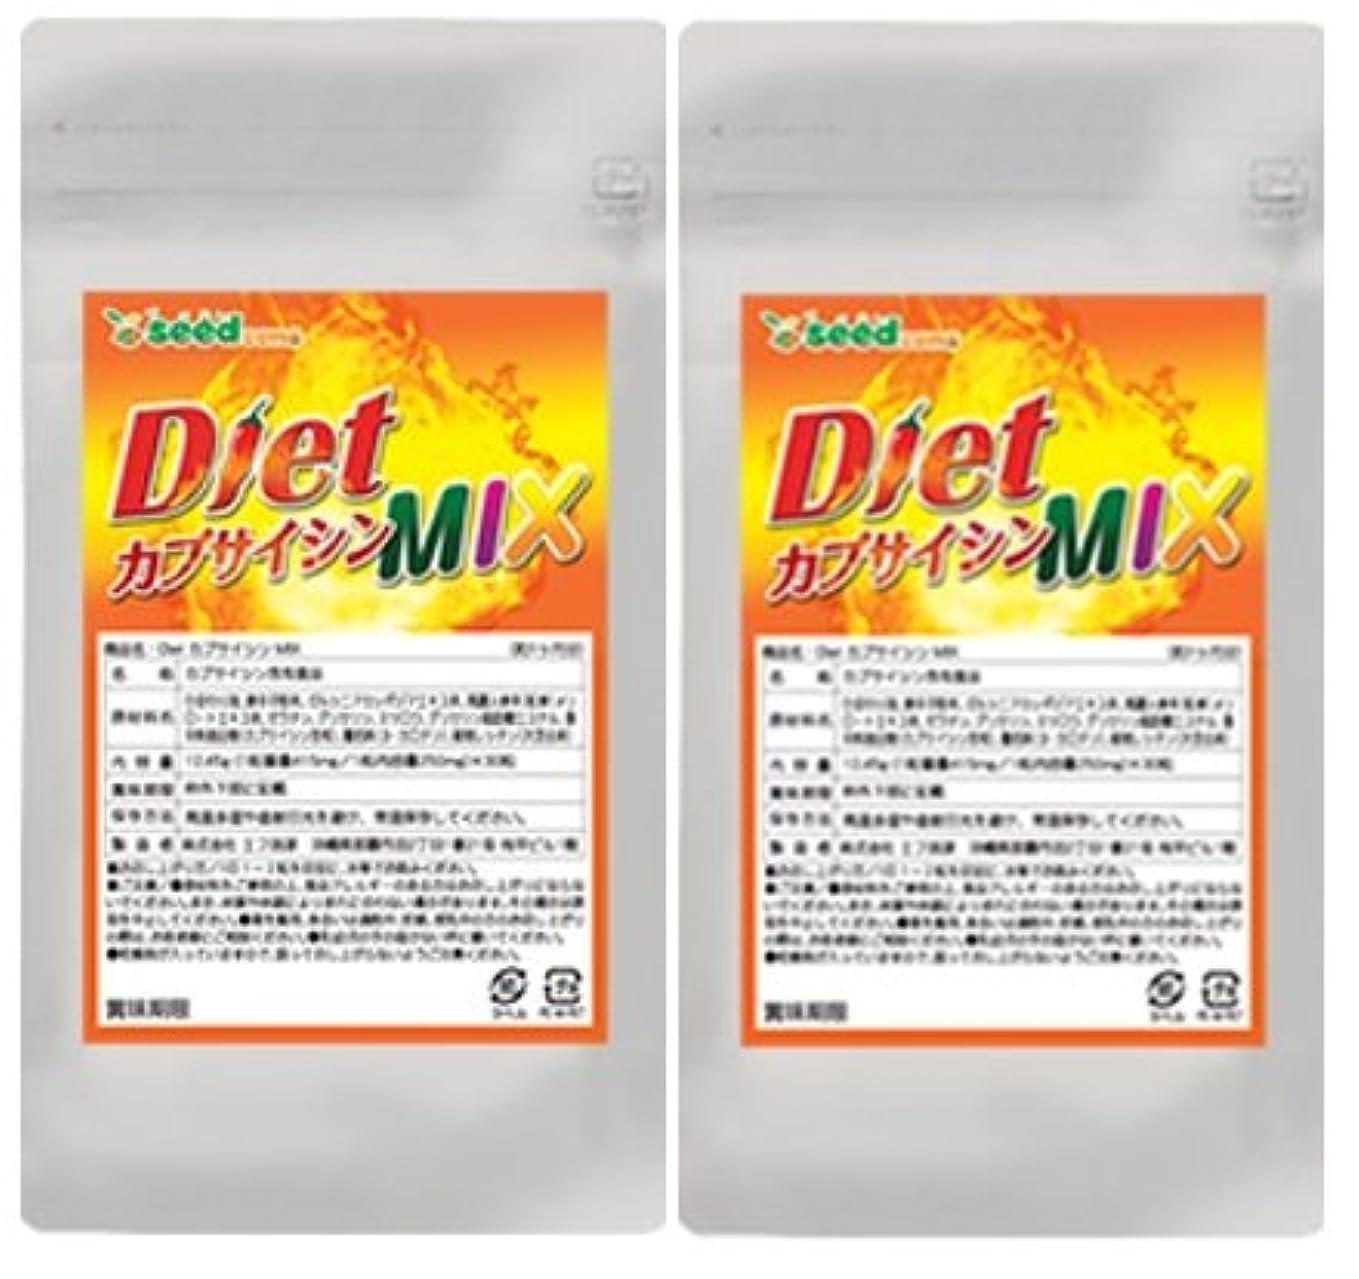 パースブラックボロウ変装一族【 seedcoms シードコムス 公式 】Diet カプサイシン MIX (約6ケ月分) メリロート、高麗人参もプラス